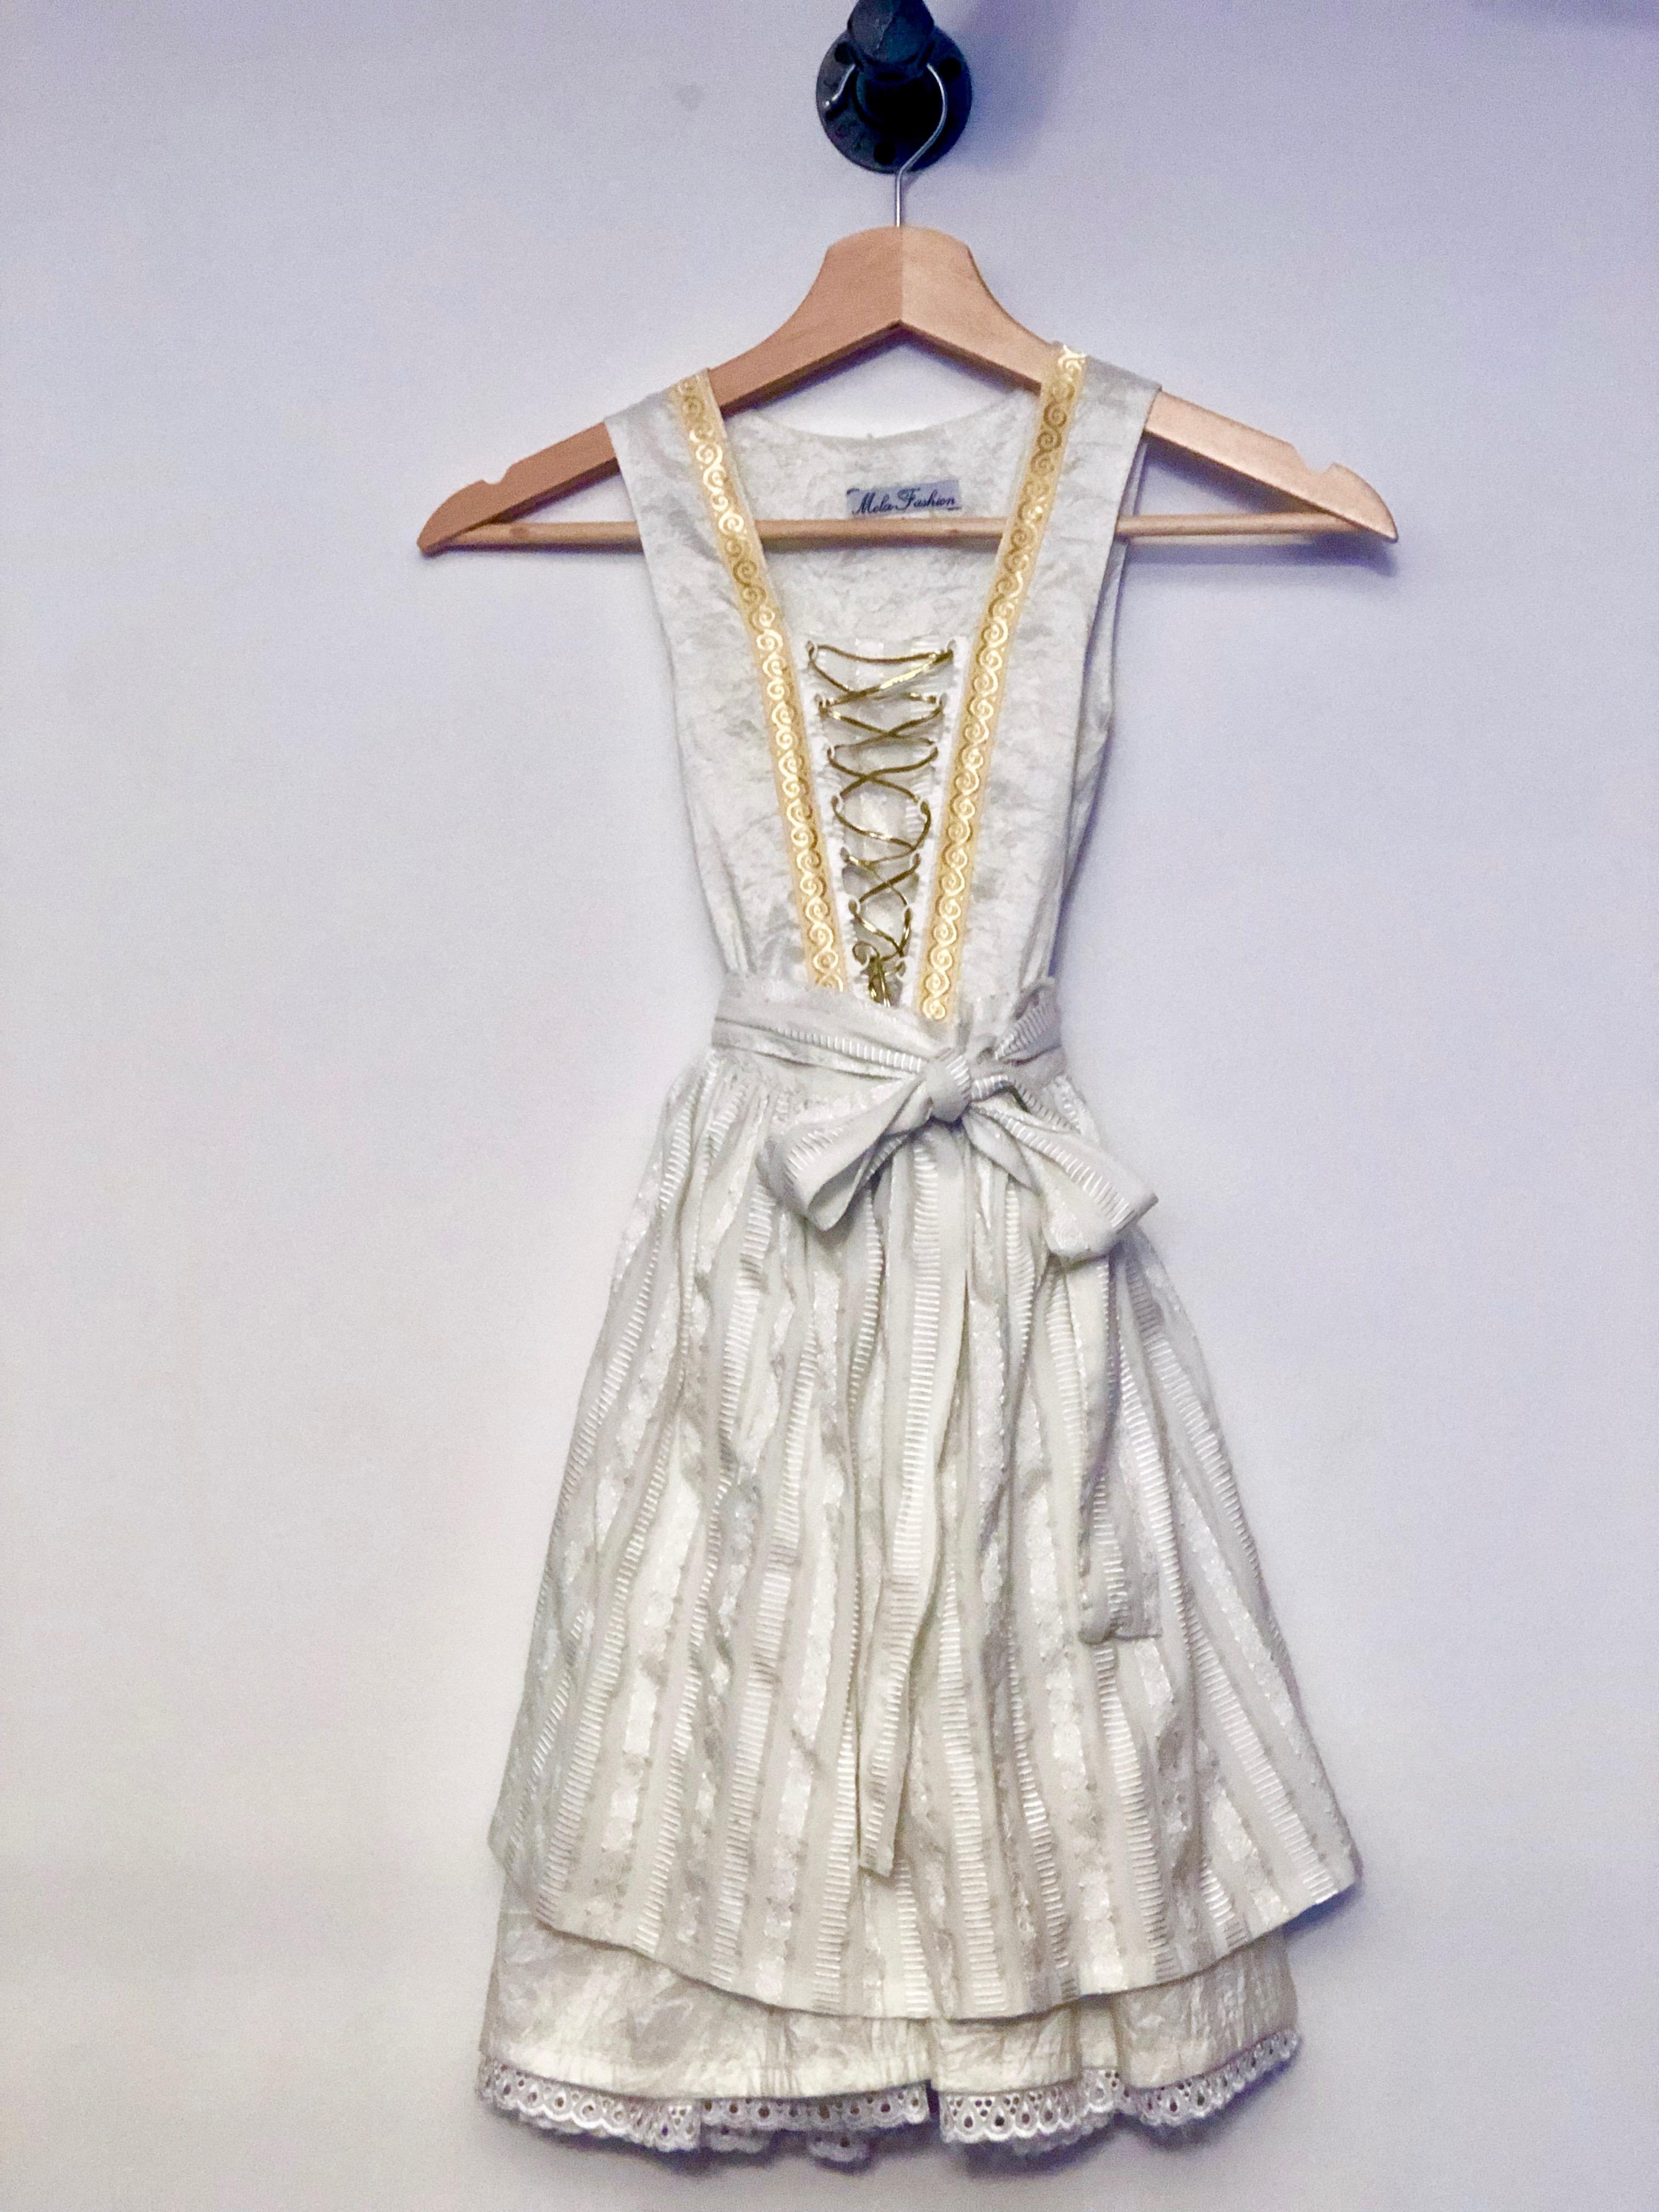 Gr. 122 Mela Fashion Dirndl